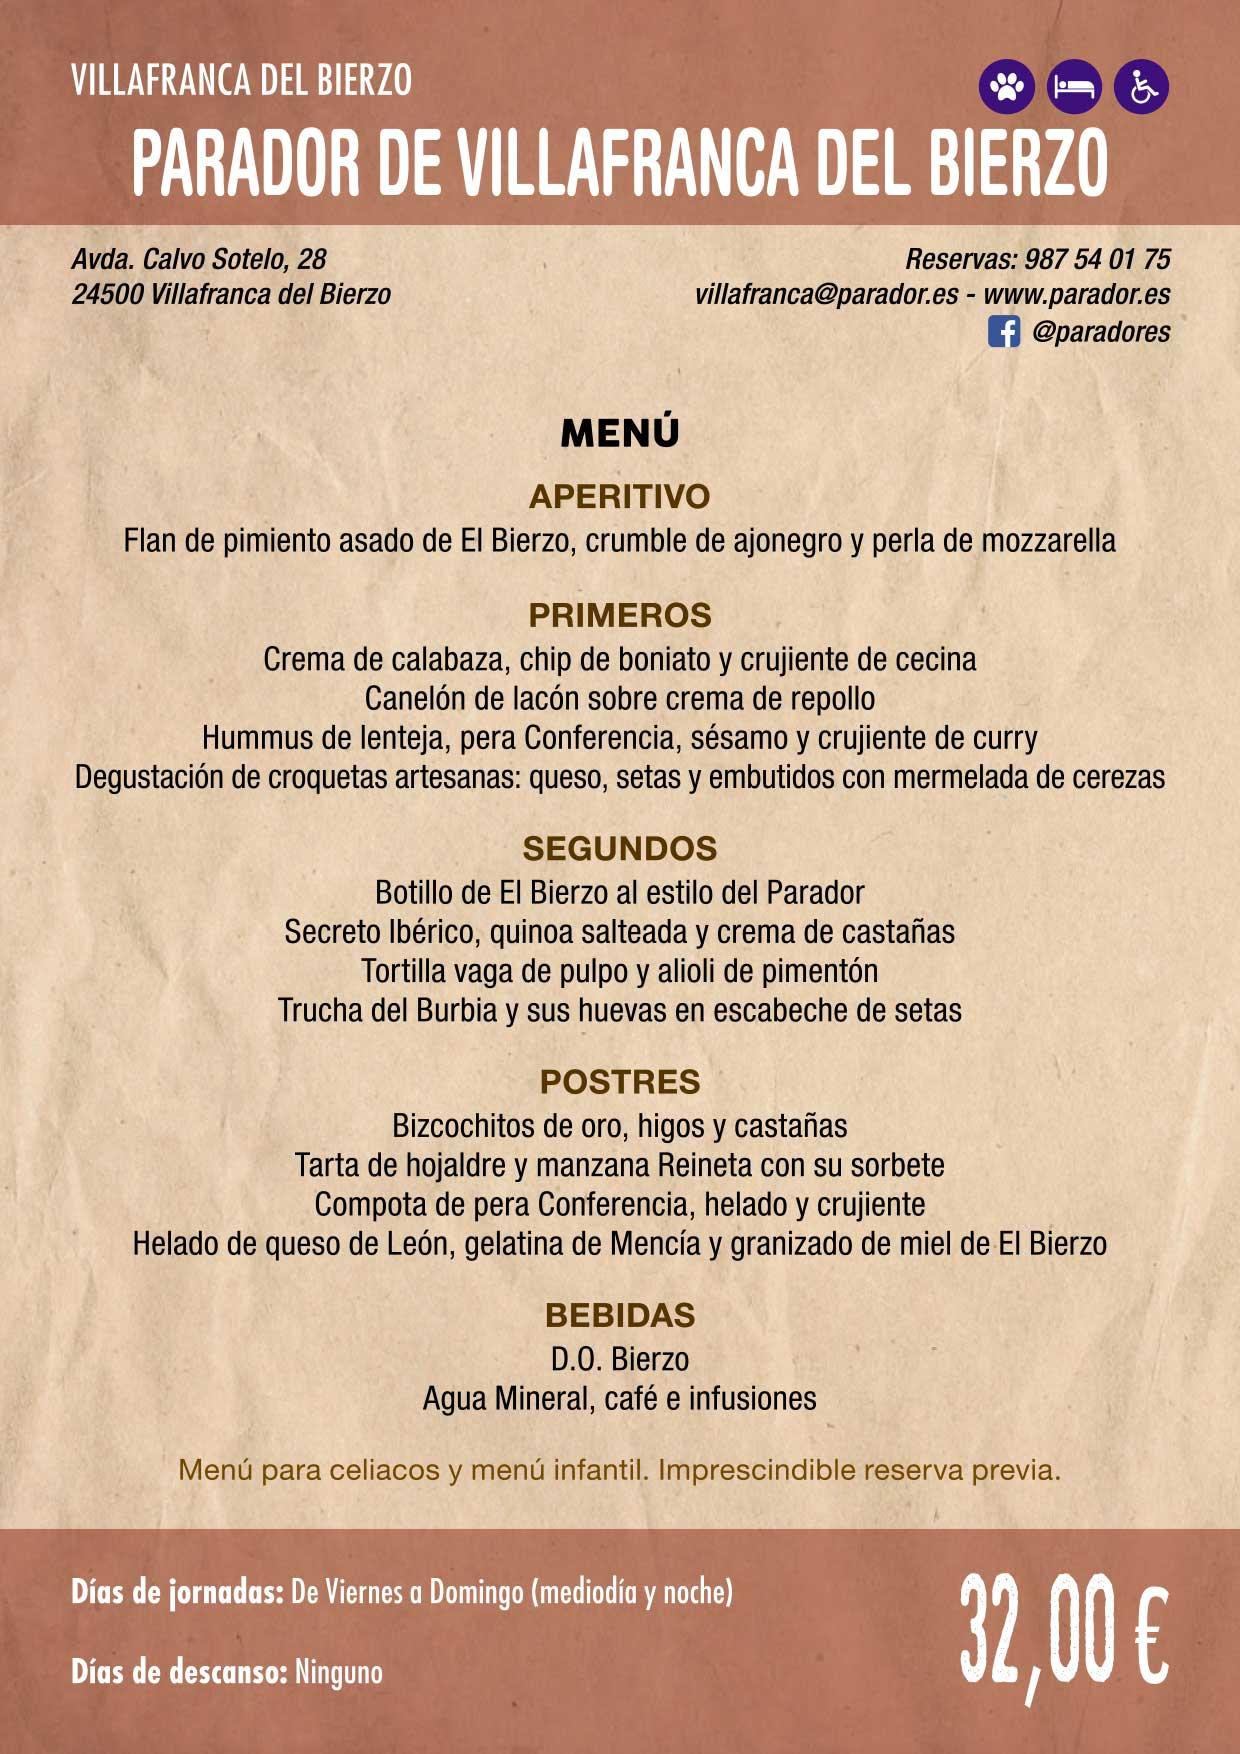 XXXVI Jornadas Gastronómicas De El Bierzo 2020. Consulta los restaurantes y menús 30